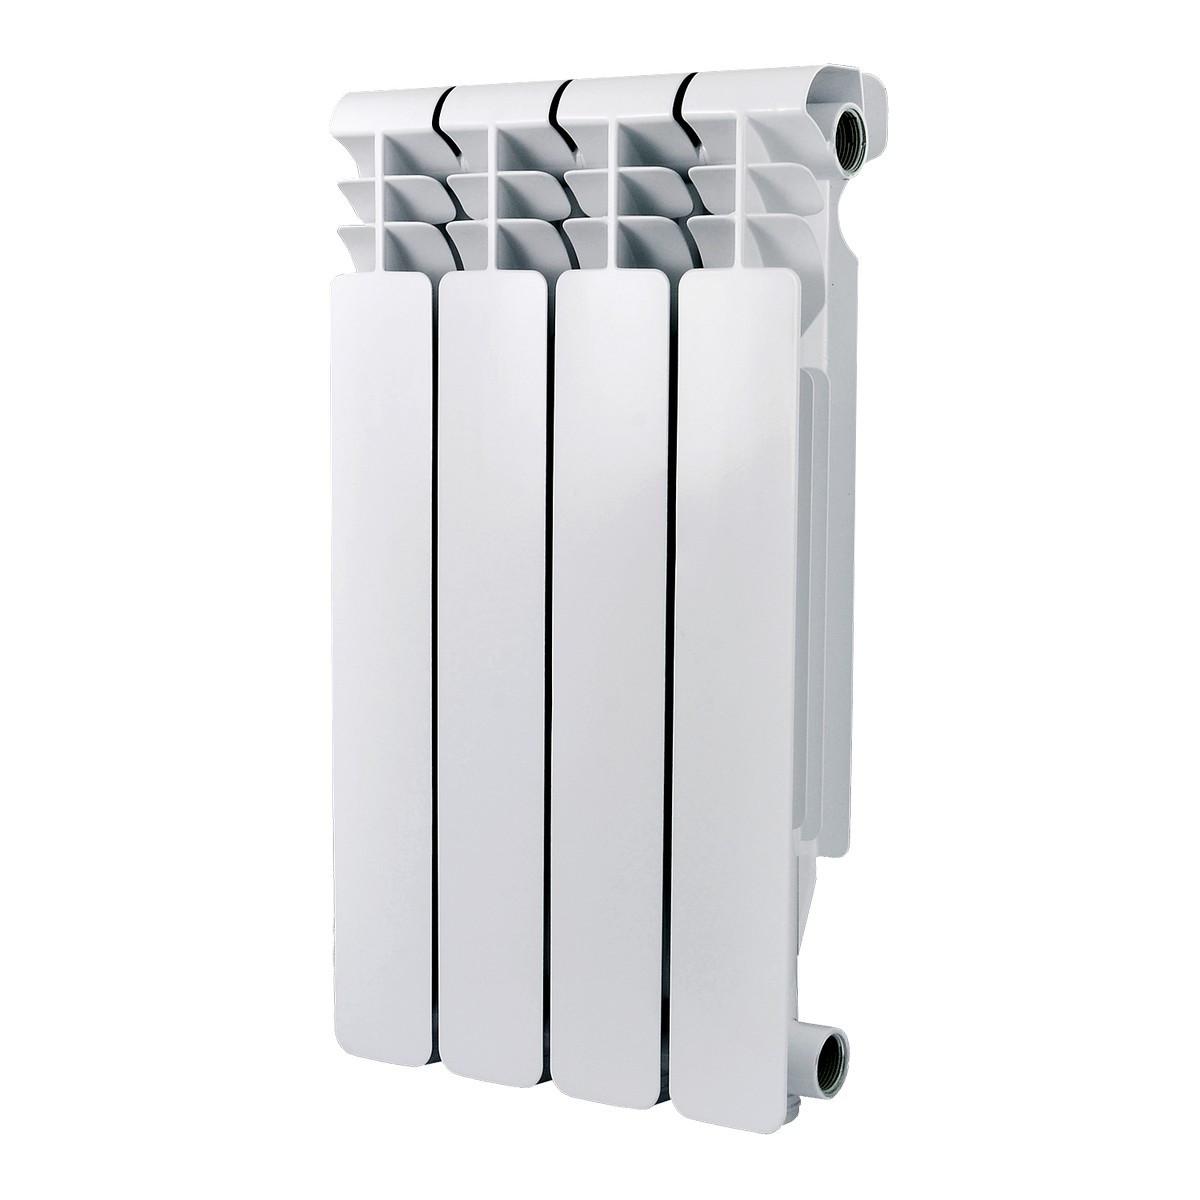 Радиатор алюминий Classic 500 6 секций Ogint 017-3774